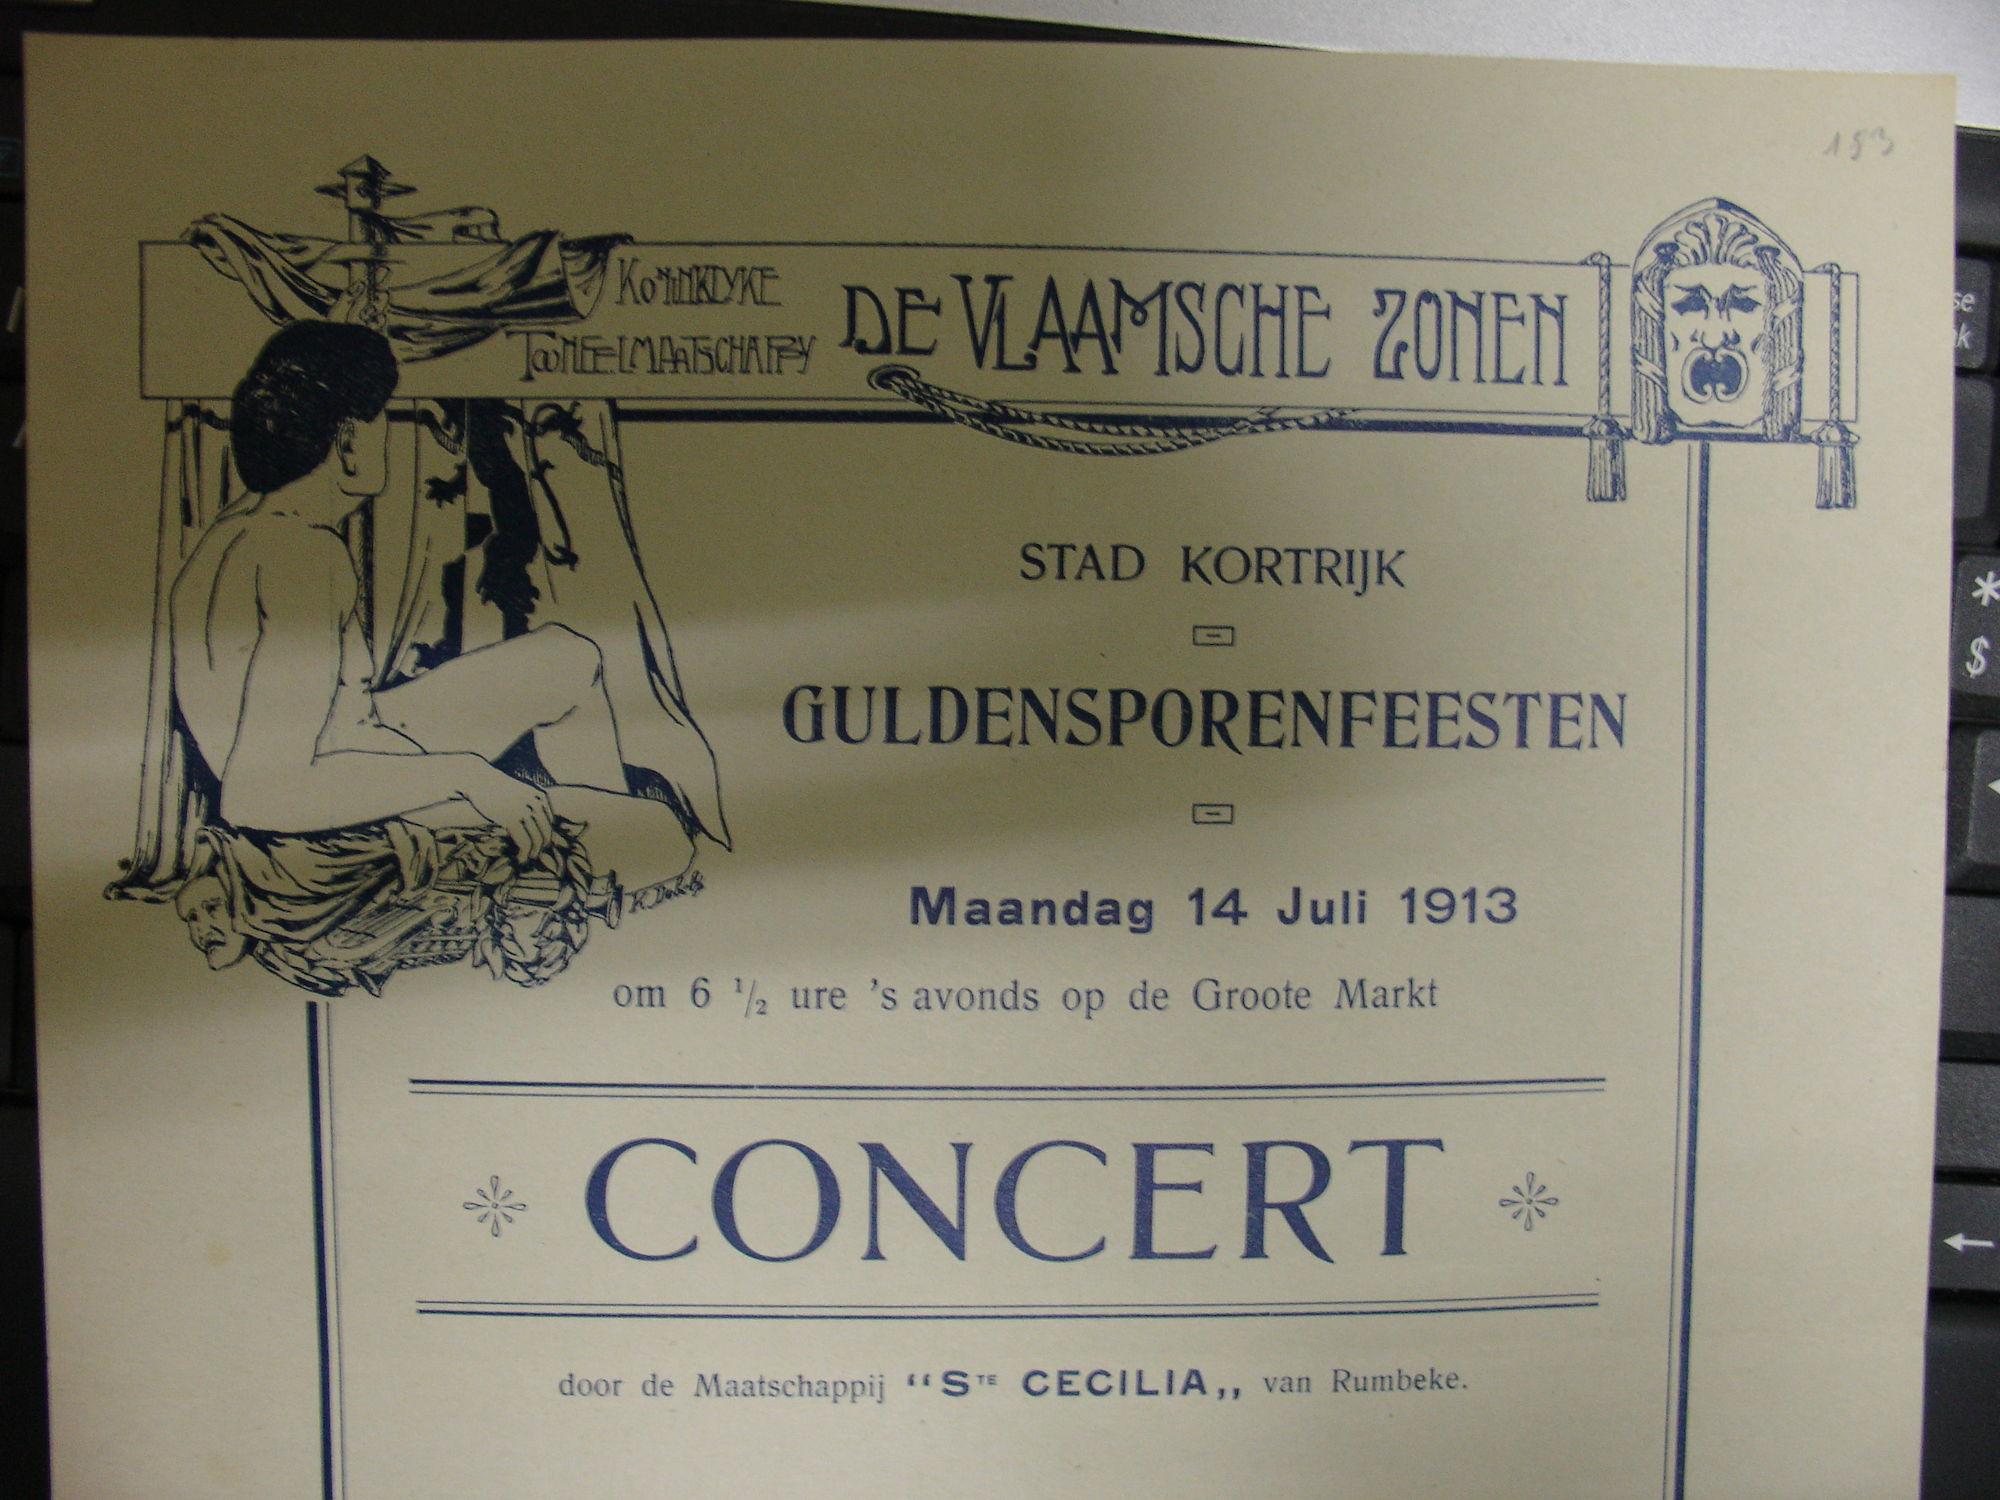 """Toneelvereniging """"De Vlaamse zonen"""""""